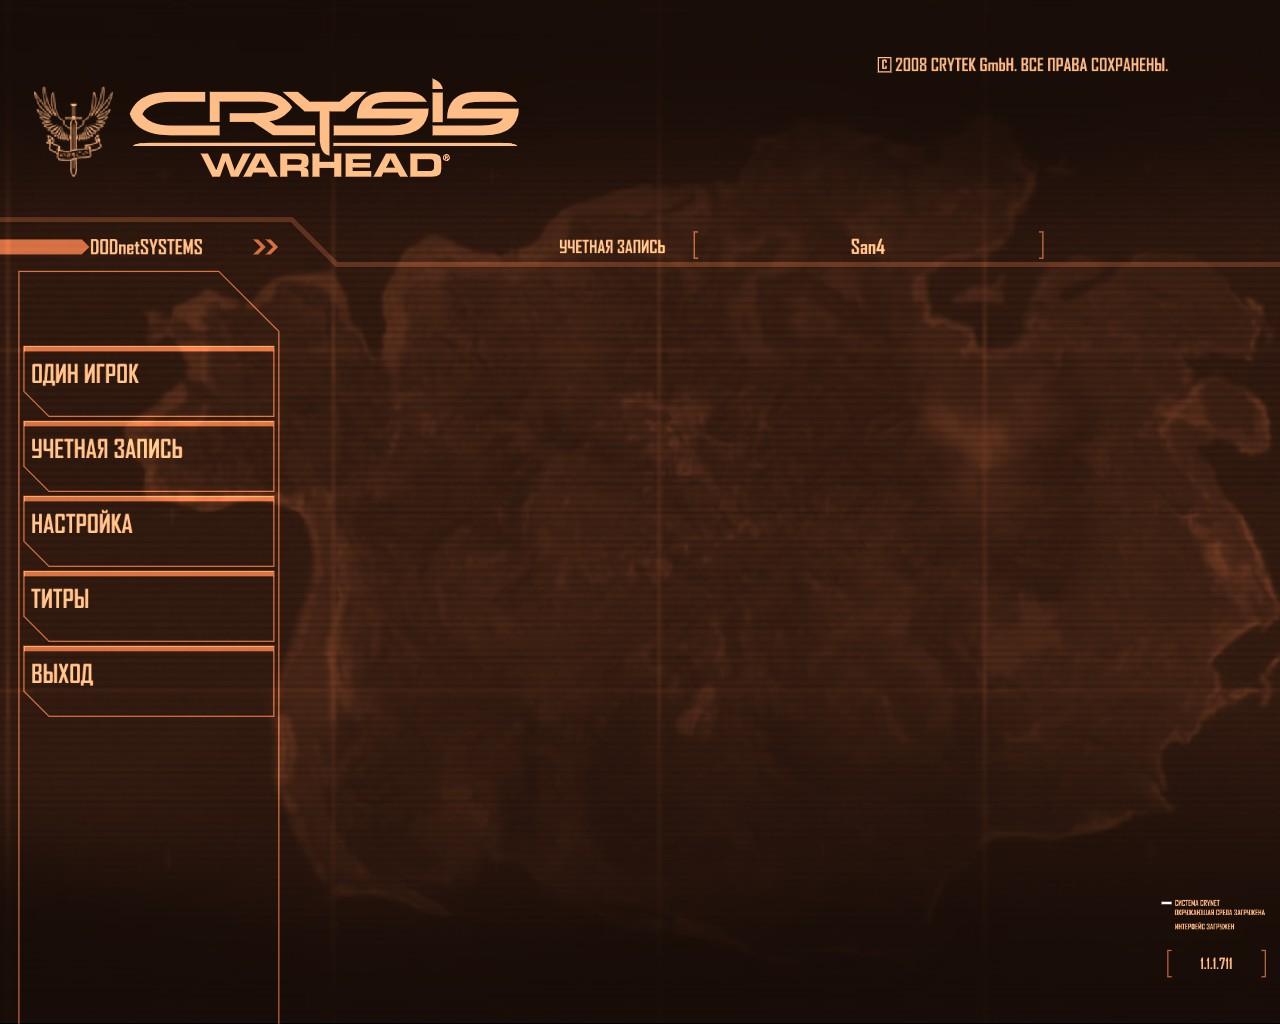 Crysis64 2014-08-09 19-16-21-08.jpg - Crysis Warhead